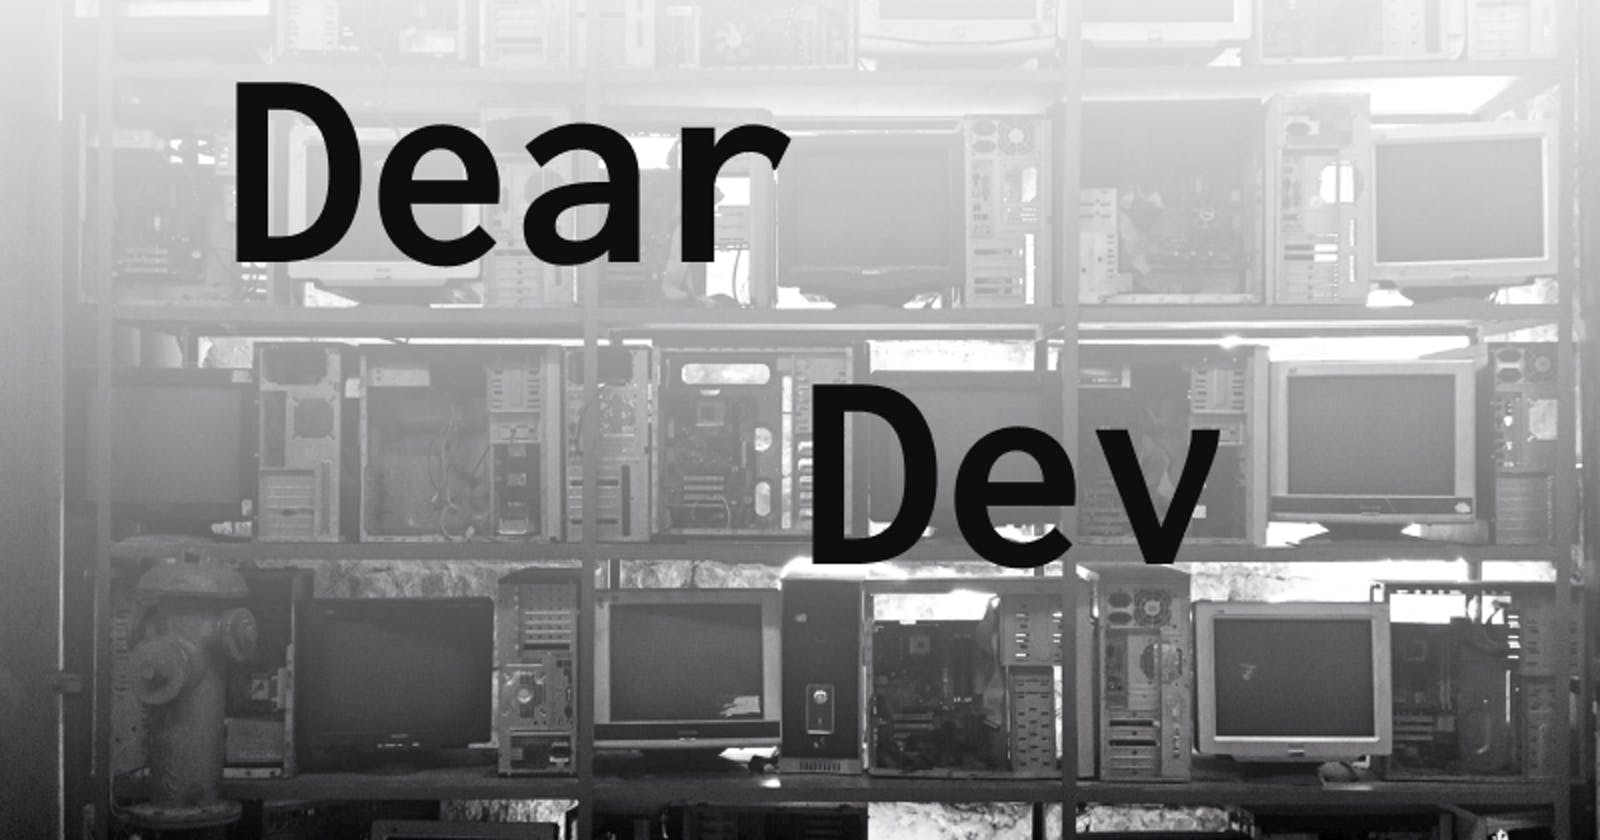 Dear Dev